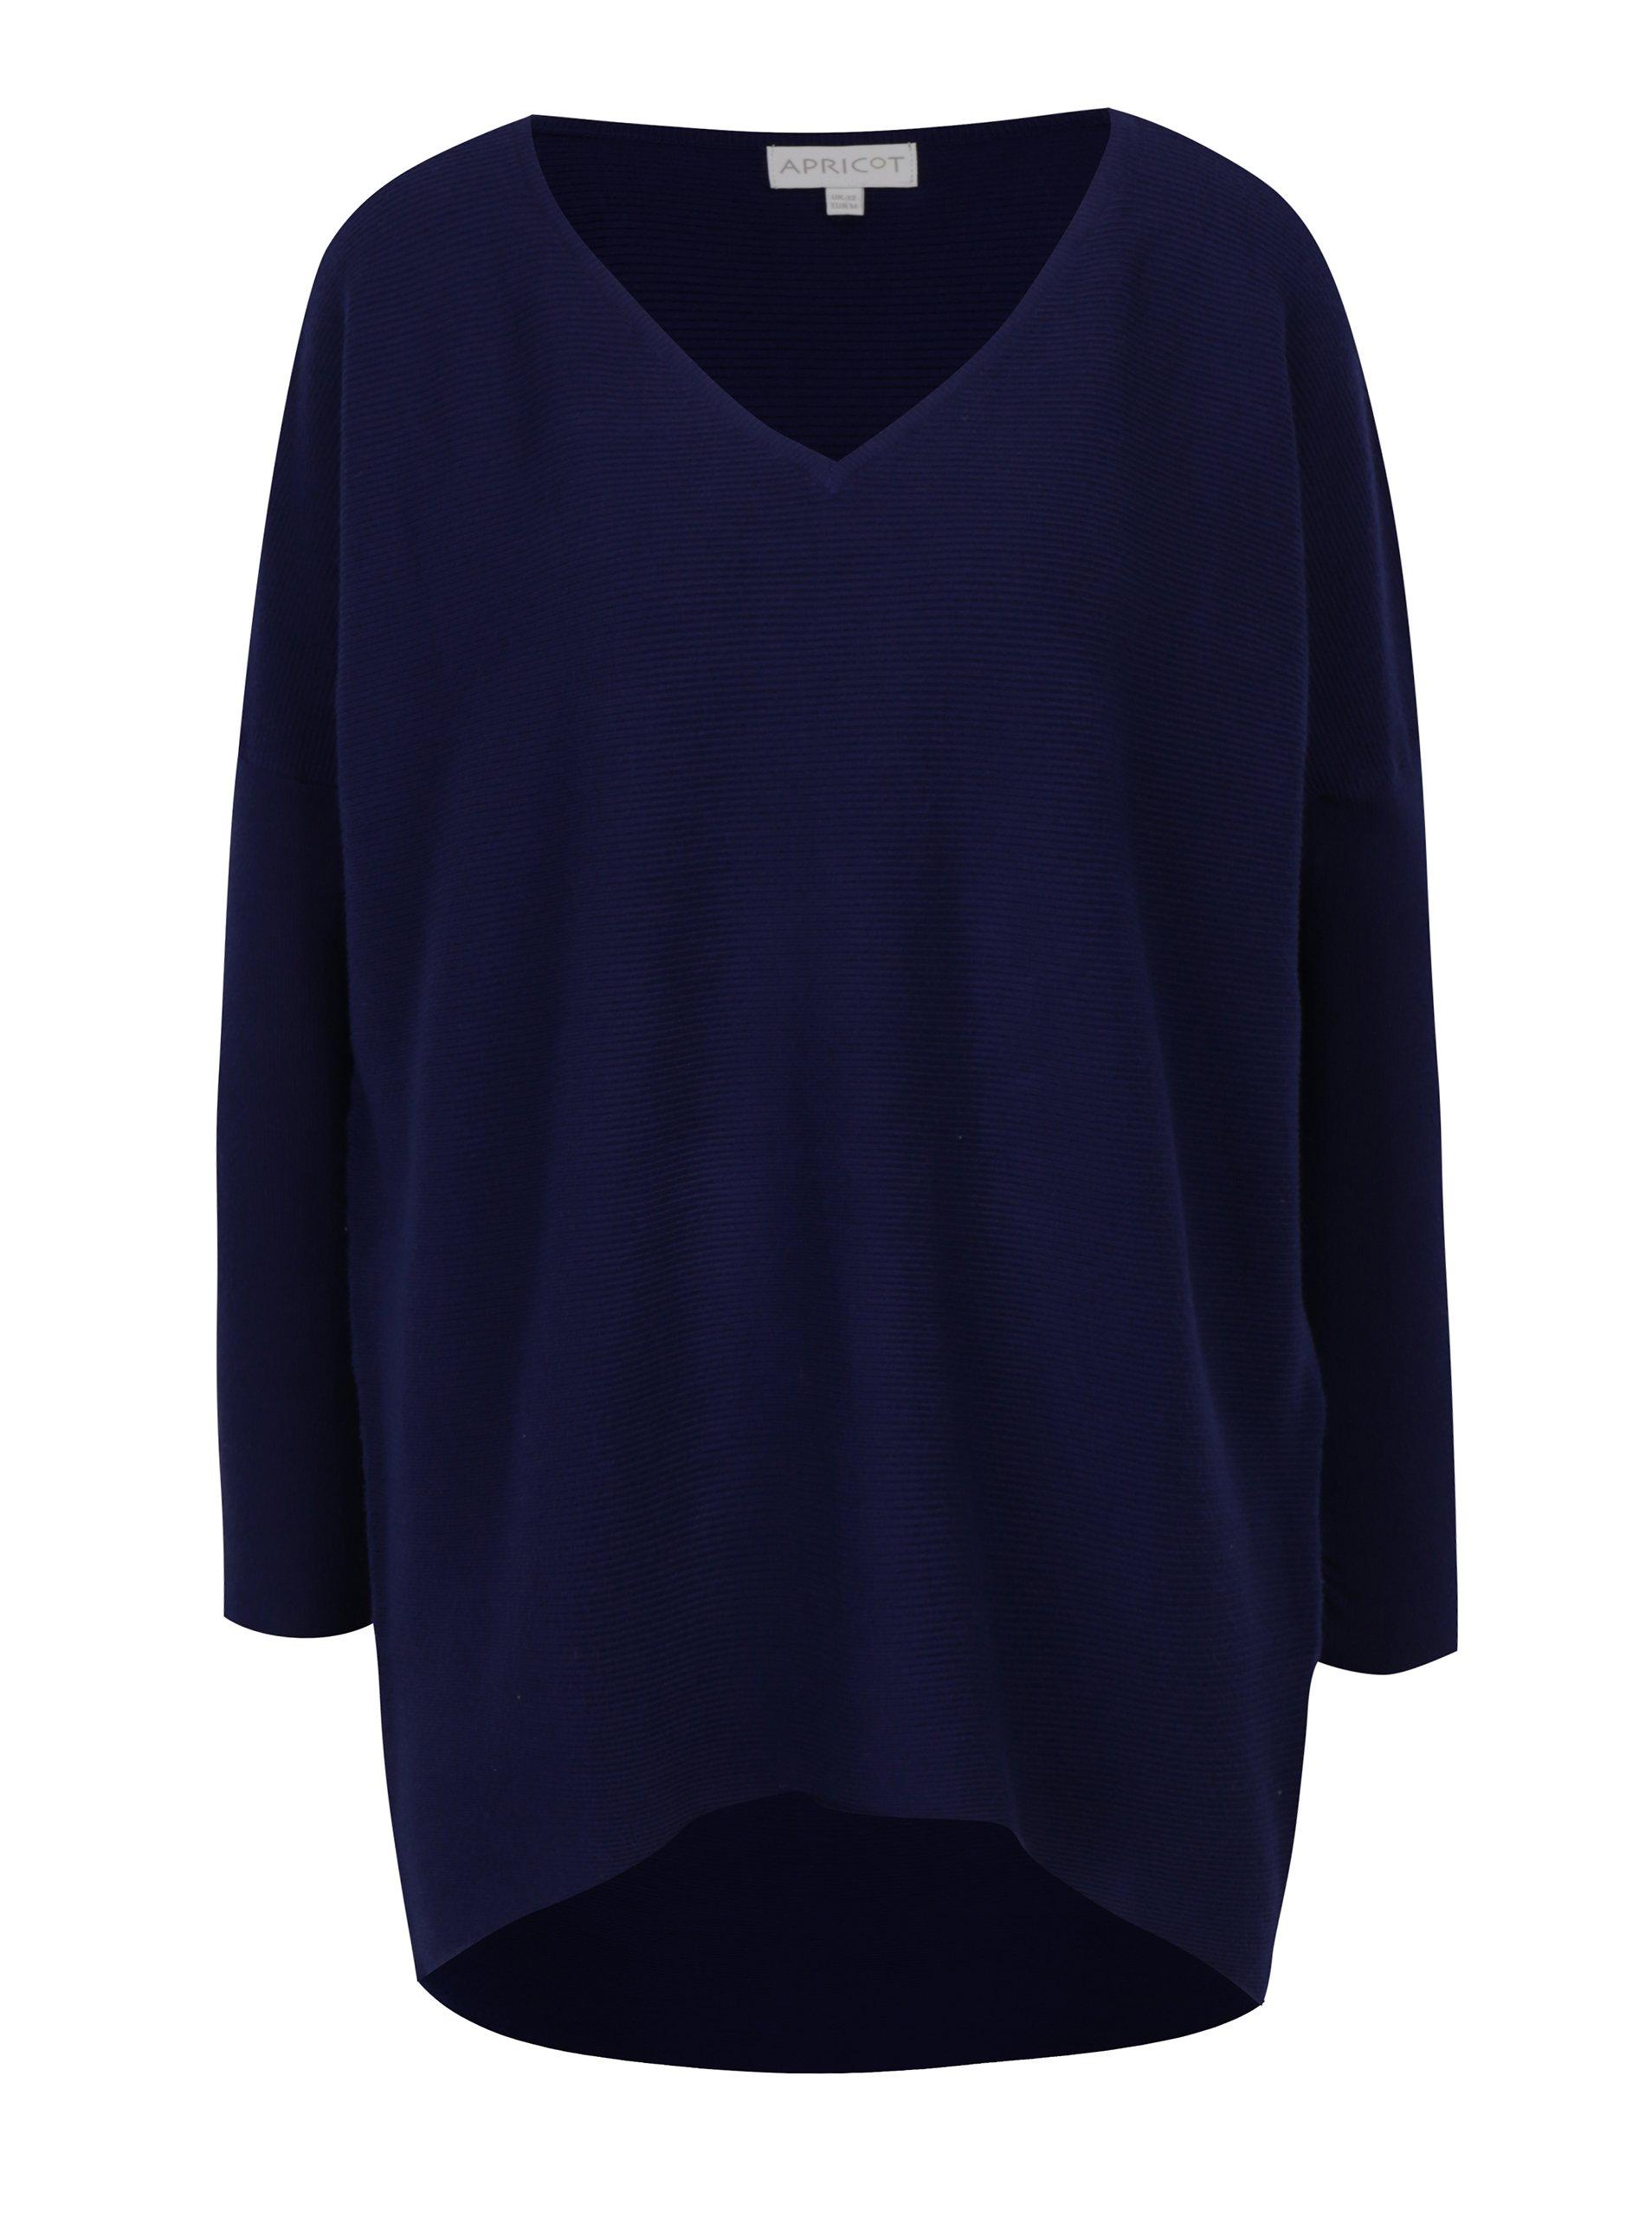 b2df9a8b0014 Tmavomodrý sveter s véčkovým výstrihom Apricot